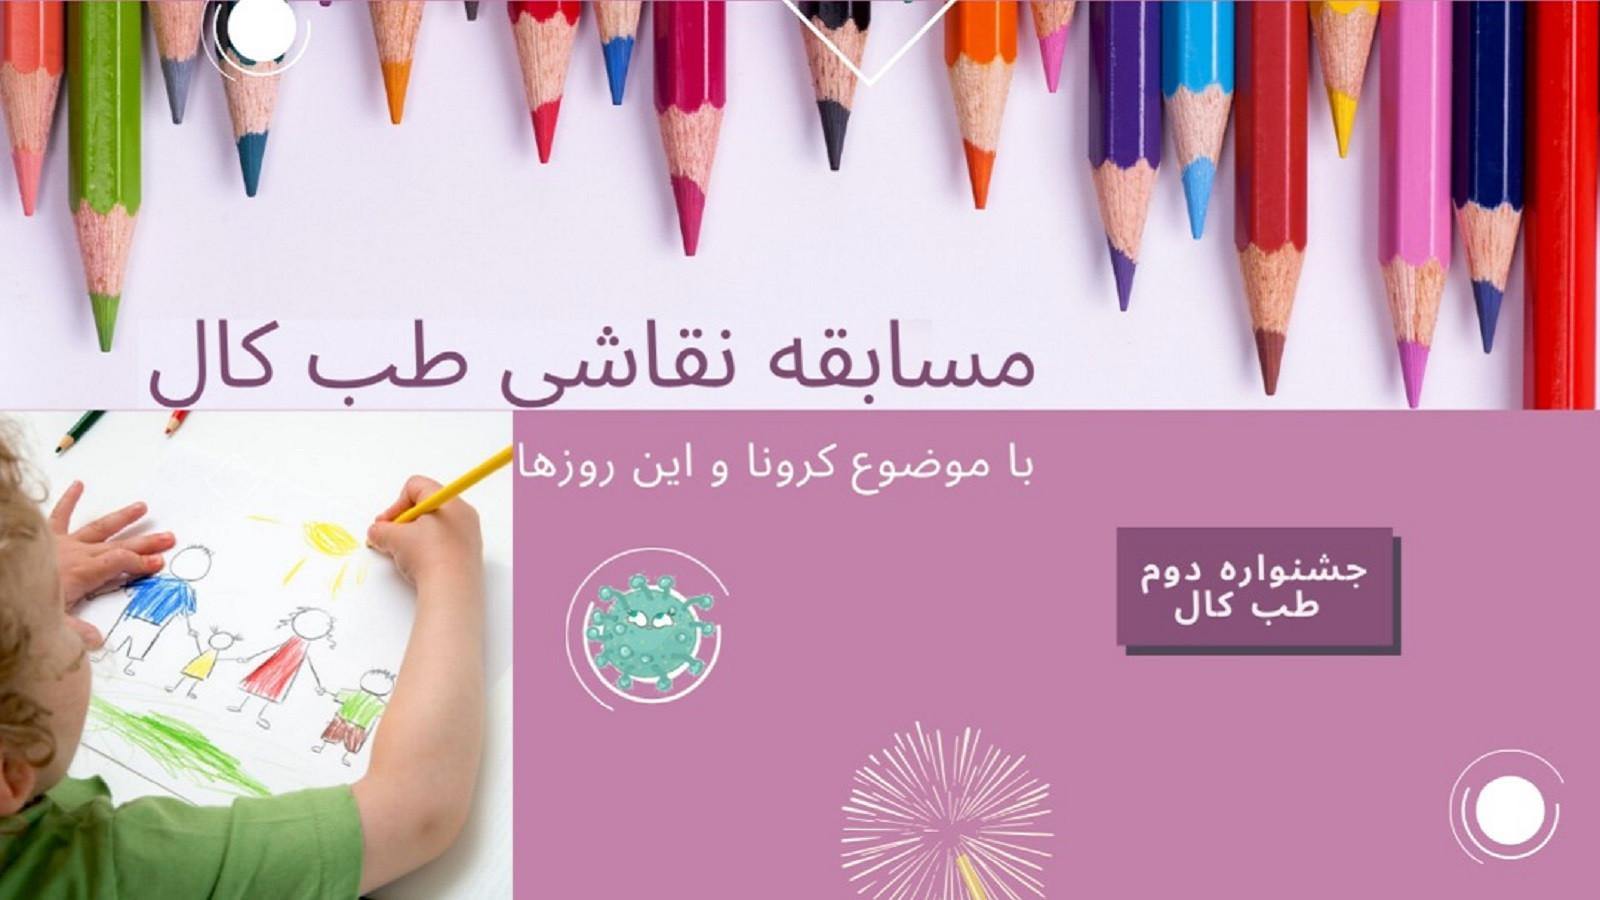 مسابقه نقاشی طب کال (در اینستاگرام و تلگرام)